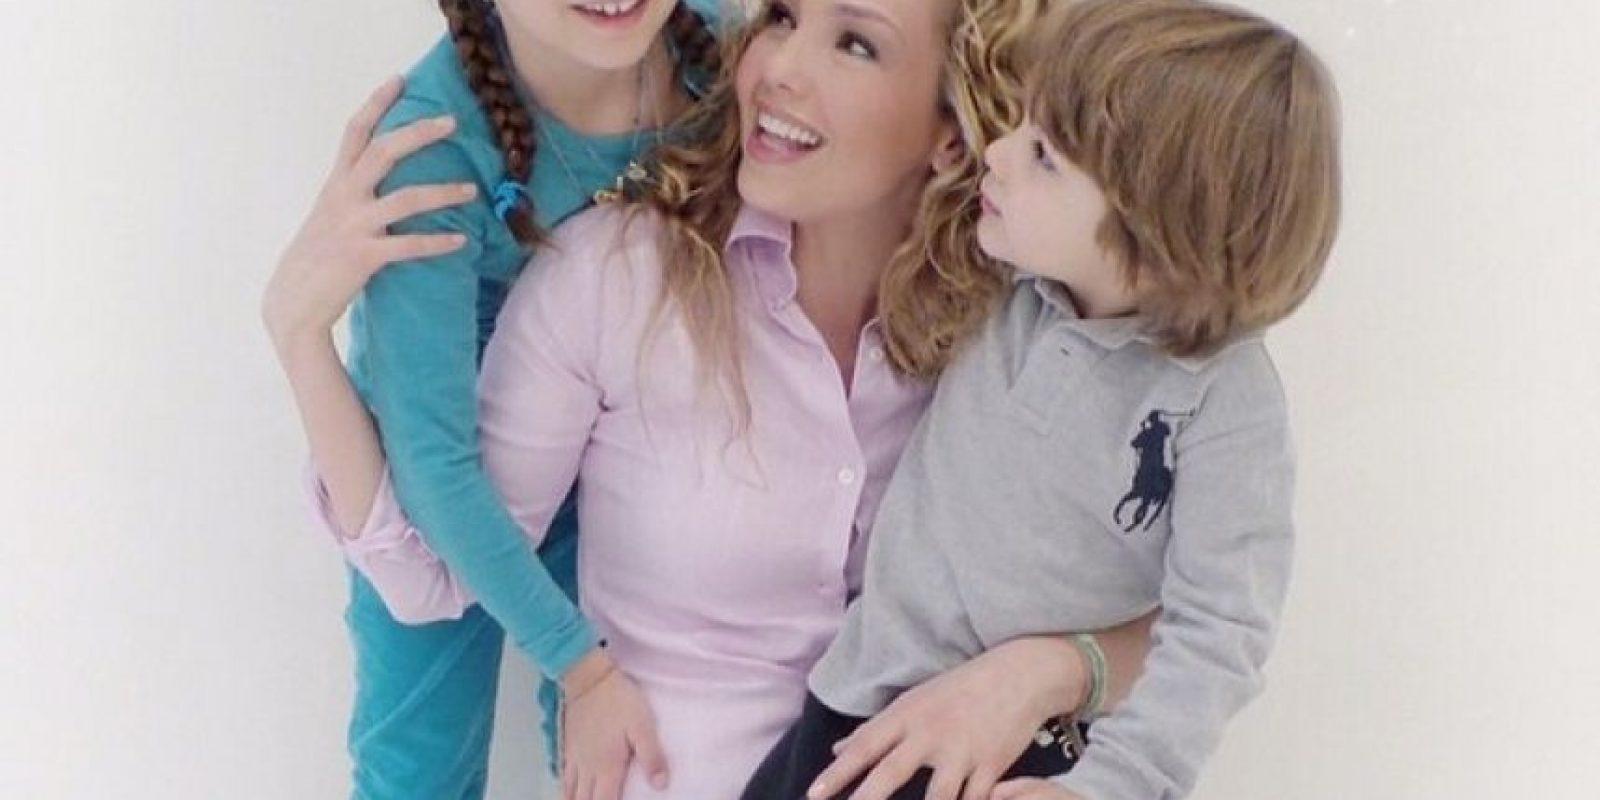 Thalía y sus hijos Sabrina y Matthew Foto:Instagram/thalia